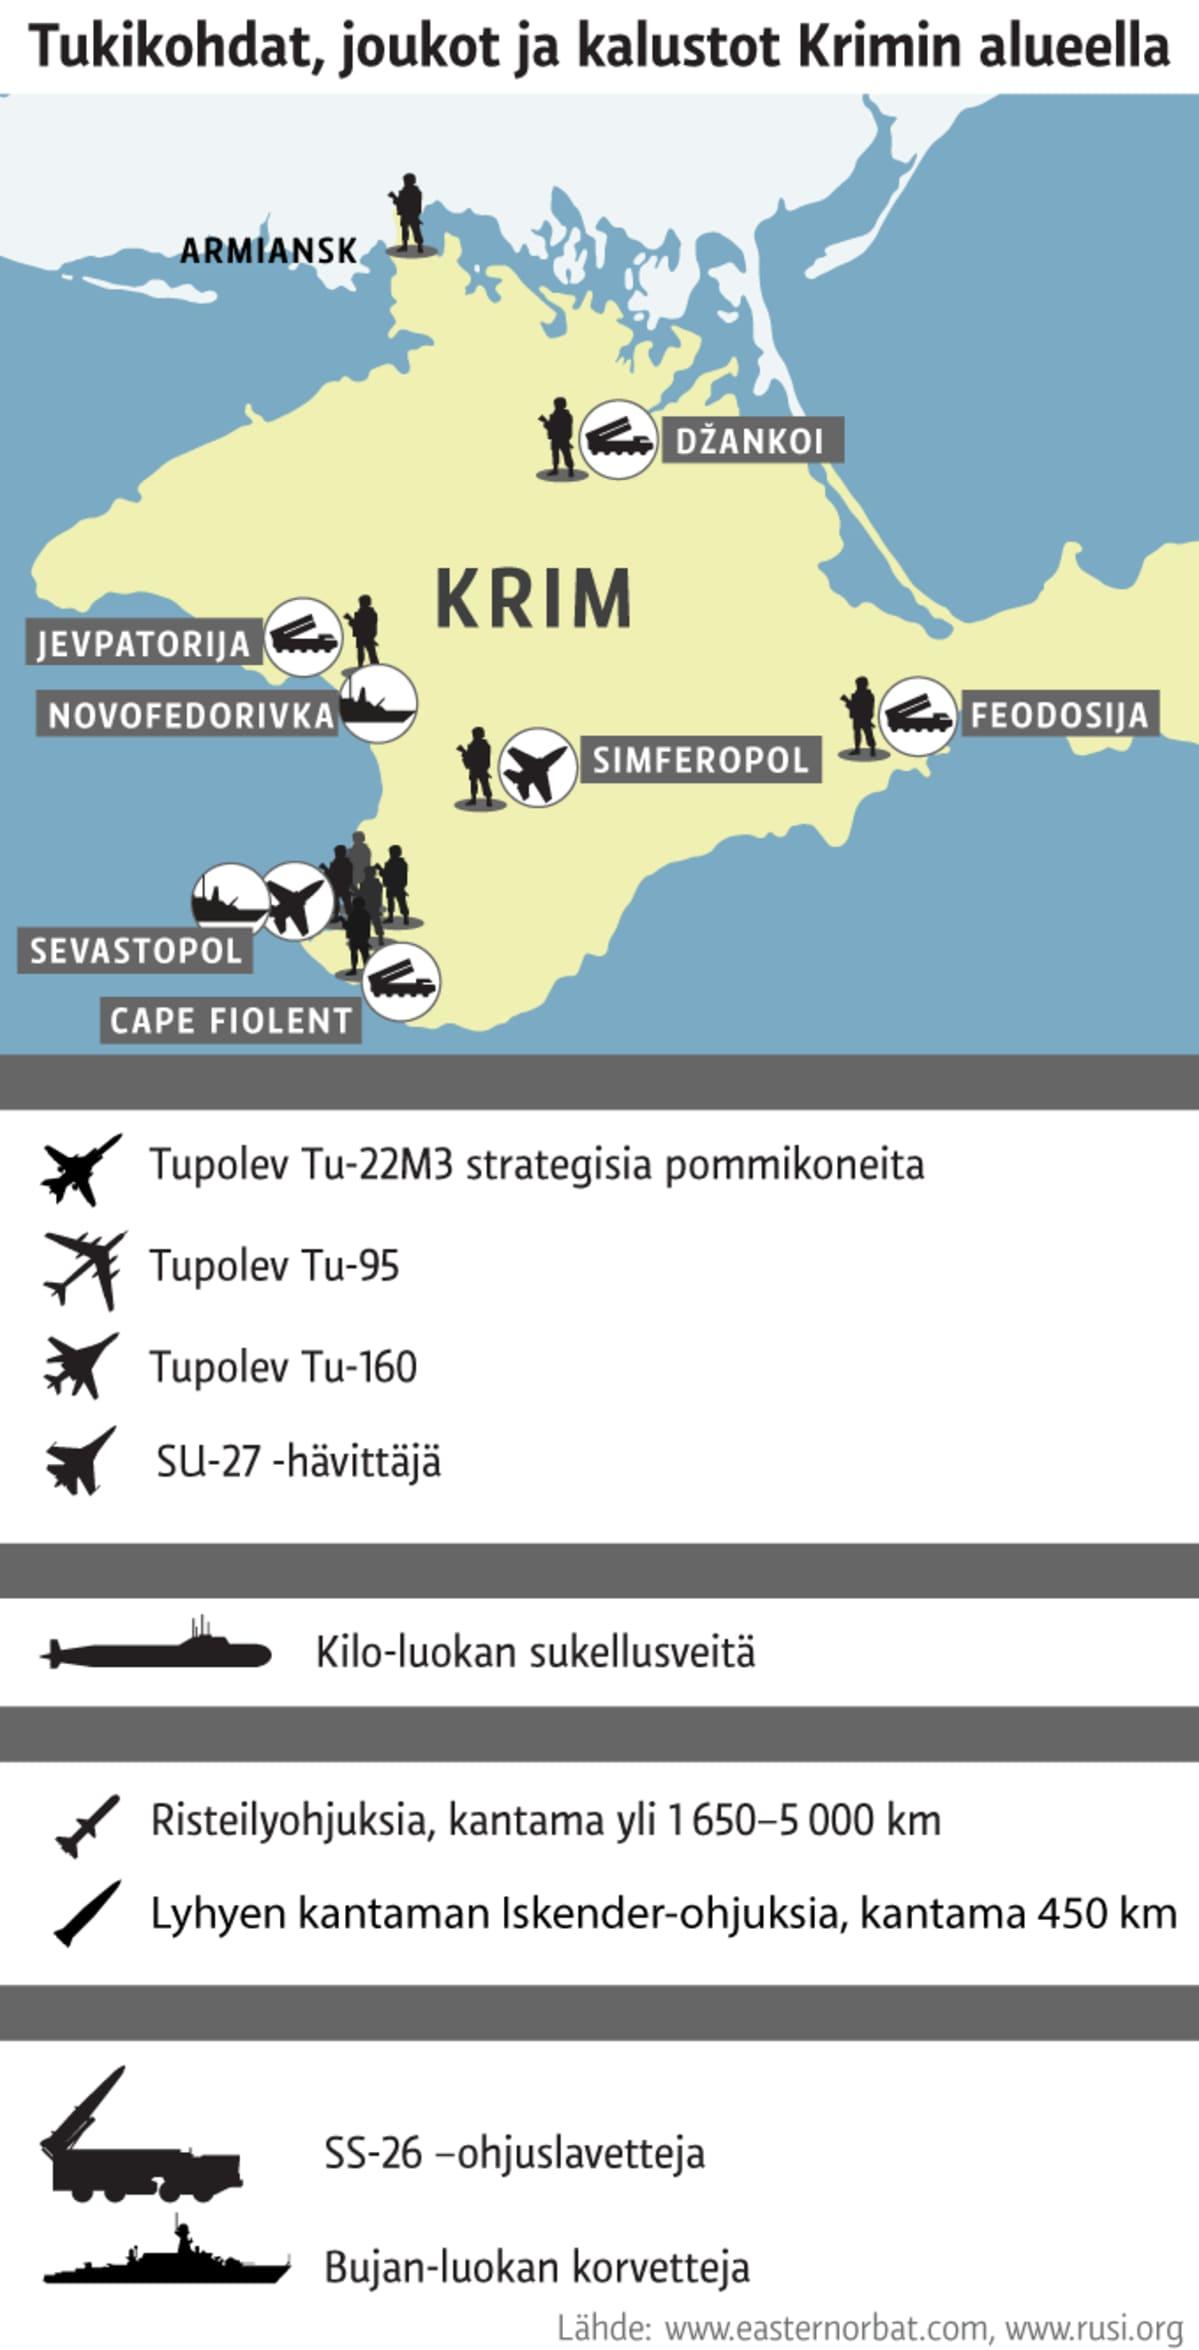 Karttagrafiikka Krimin niemimaalle sijoitetuista armeijan tukokohdista, joukoista ja kalustosta.